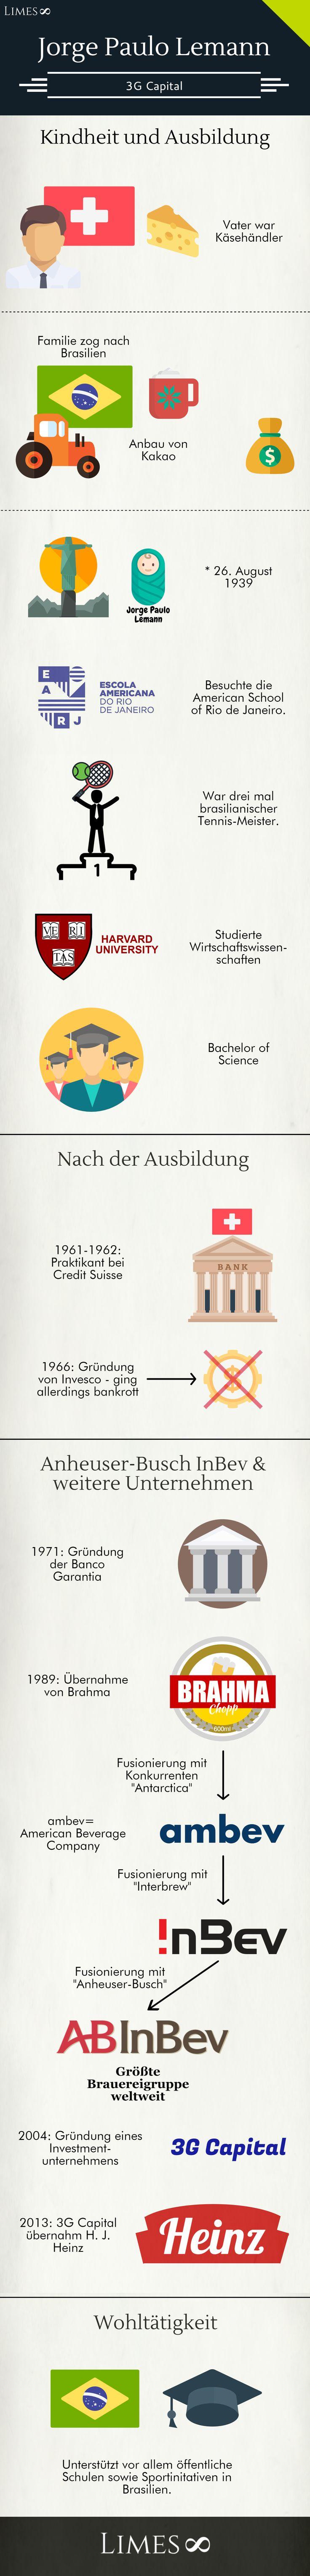 Infografik Jorge Paulo Lemann: Der Schweizer macht sein Geld mit der größten Brauereigruppe, ABInBev, wobei er selbst kein Alkohol trinkt. Zudem ist er Gründer von 3G Capital.